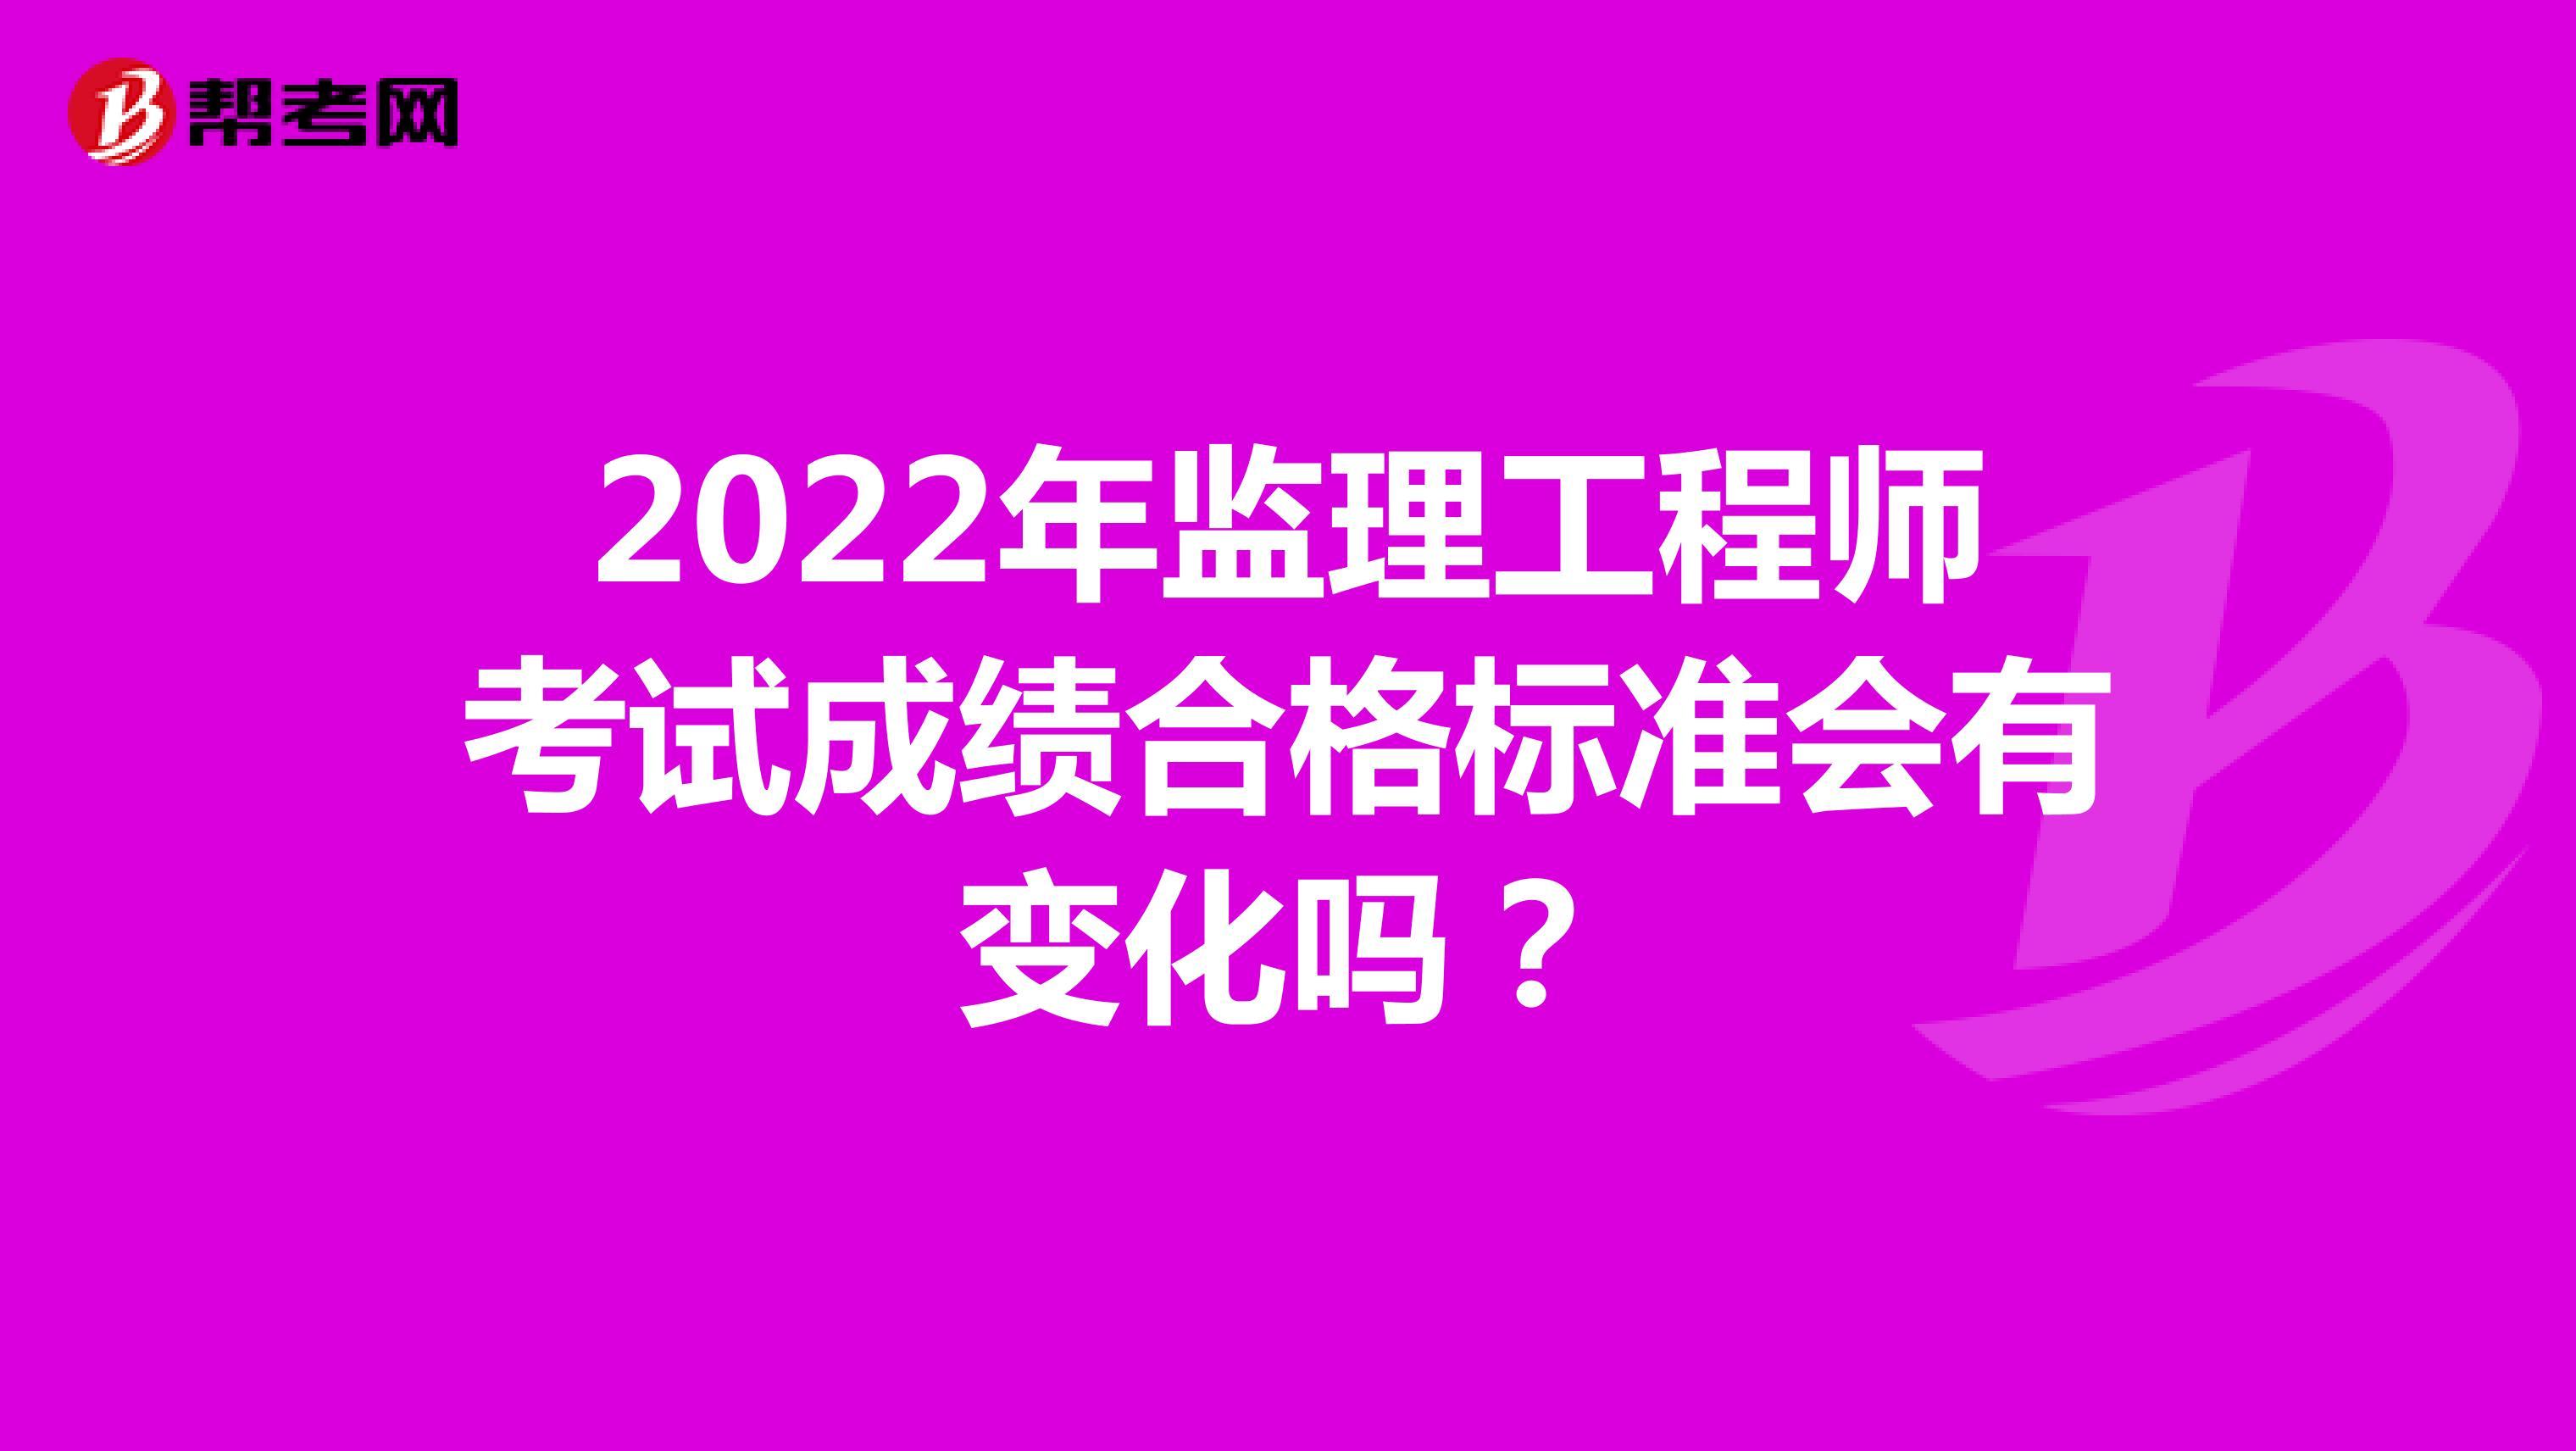 2022年监理工程师考试成绩合格标准会有变化吗?